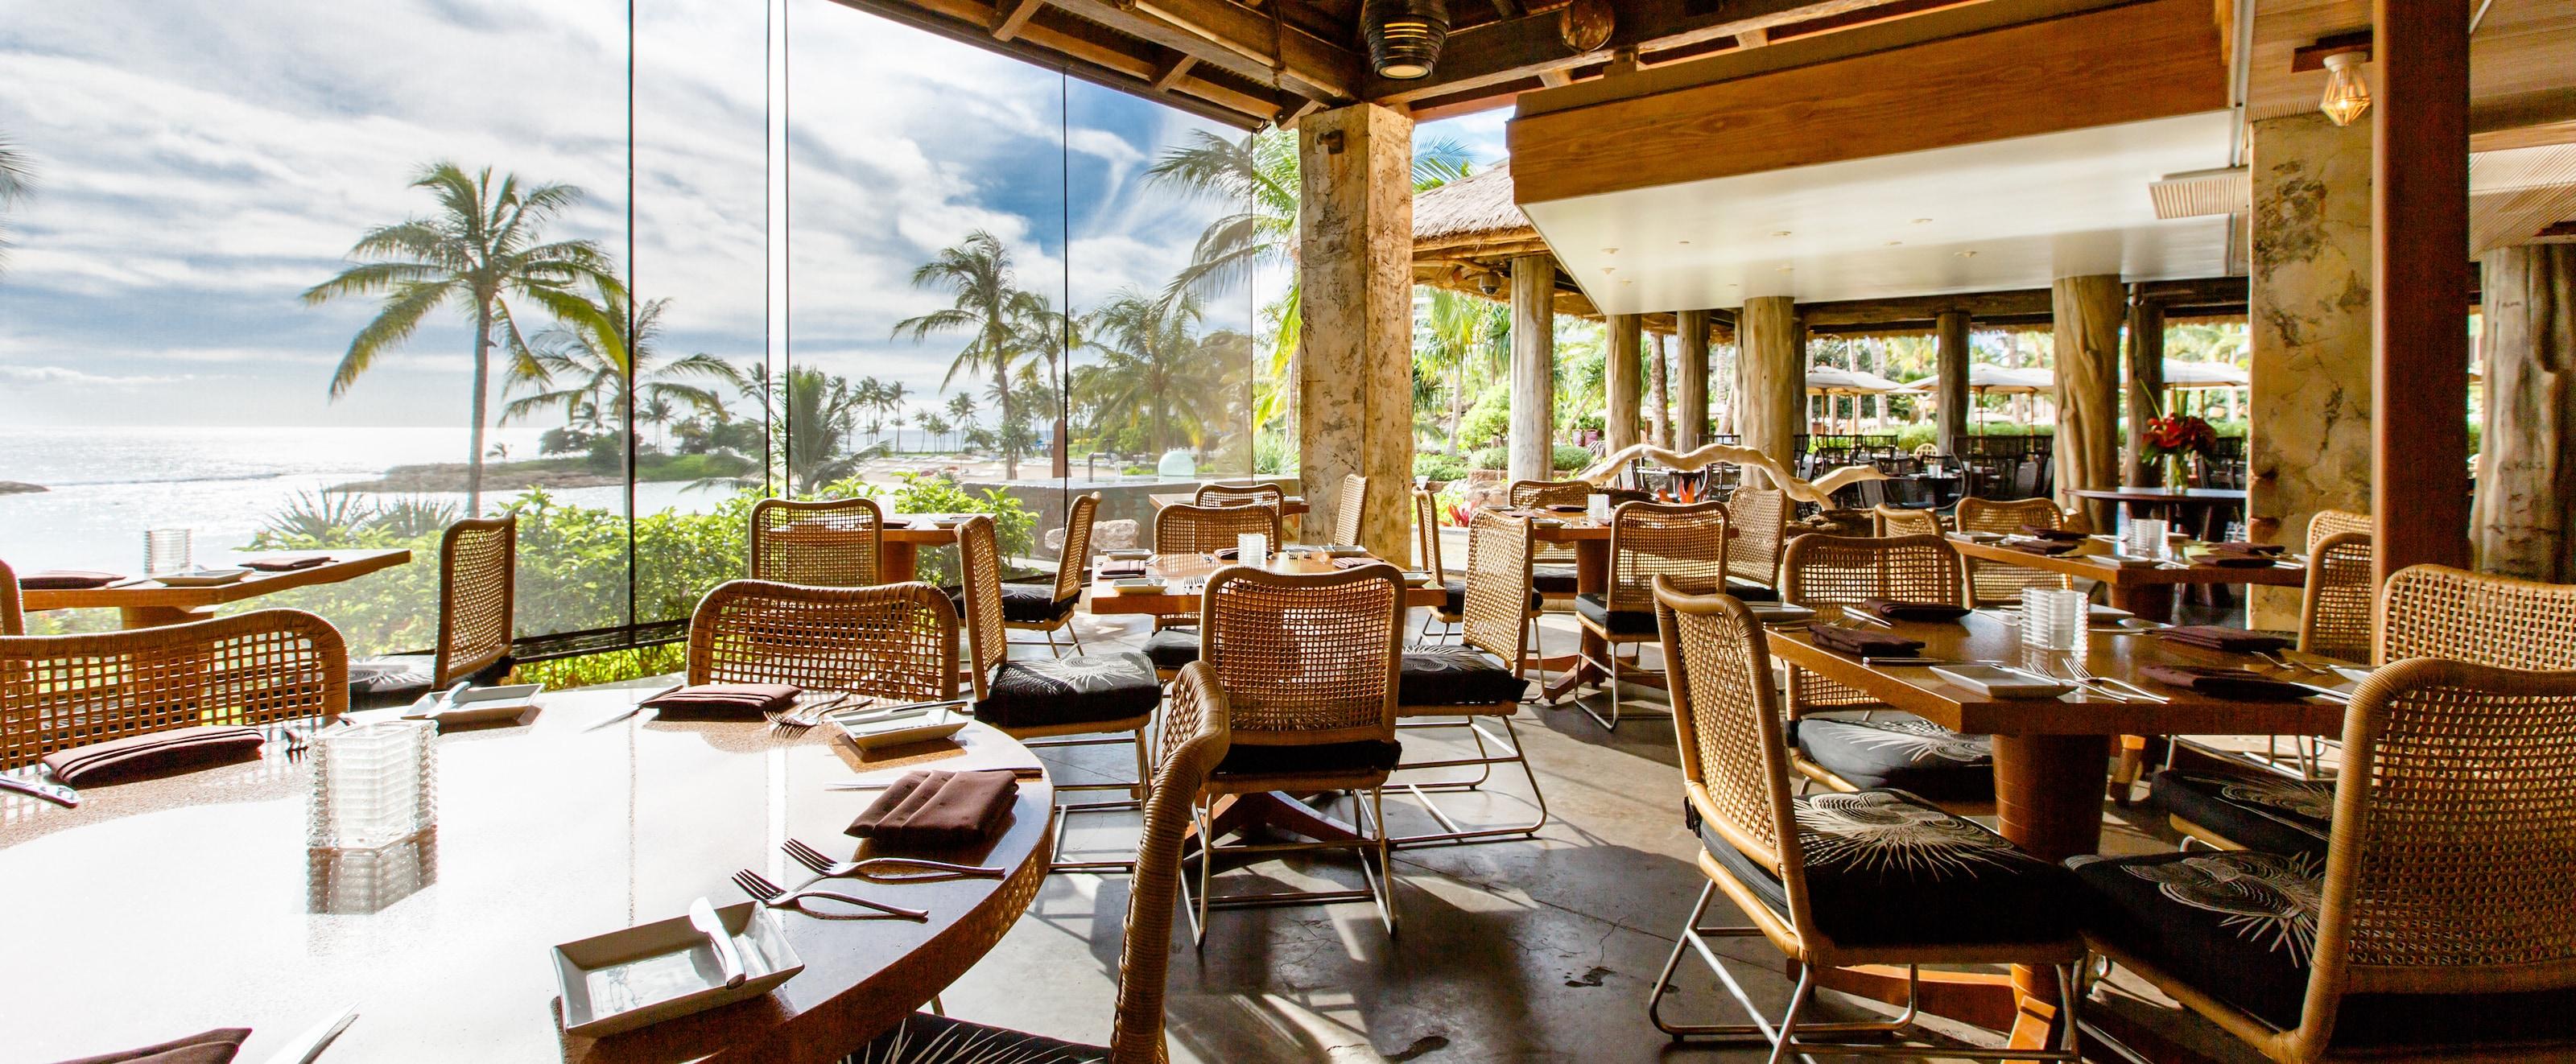 Amaama Hawaiian Cuisine Restaurant Aulani Hawaii Resort